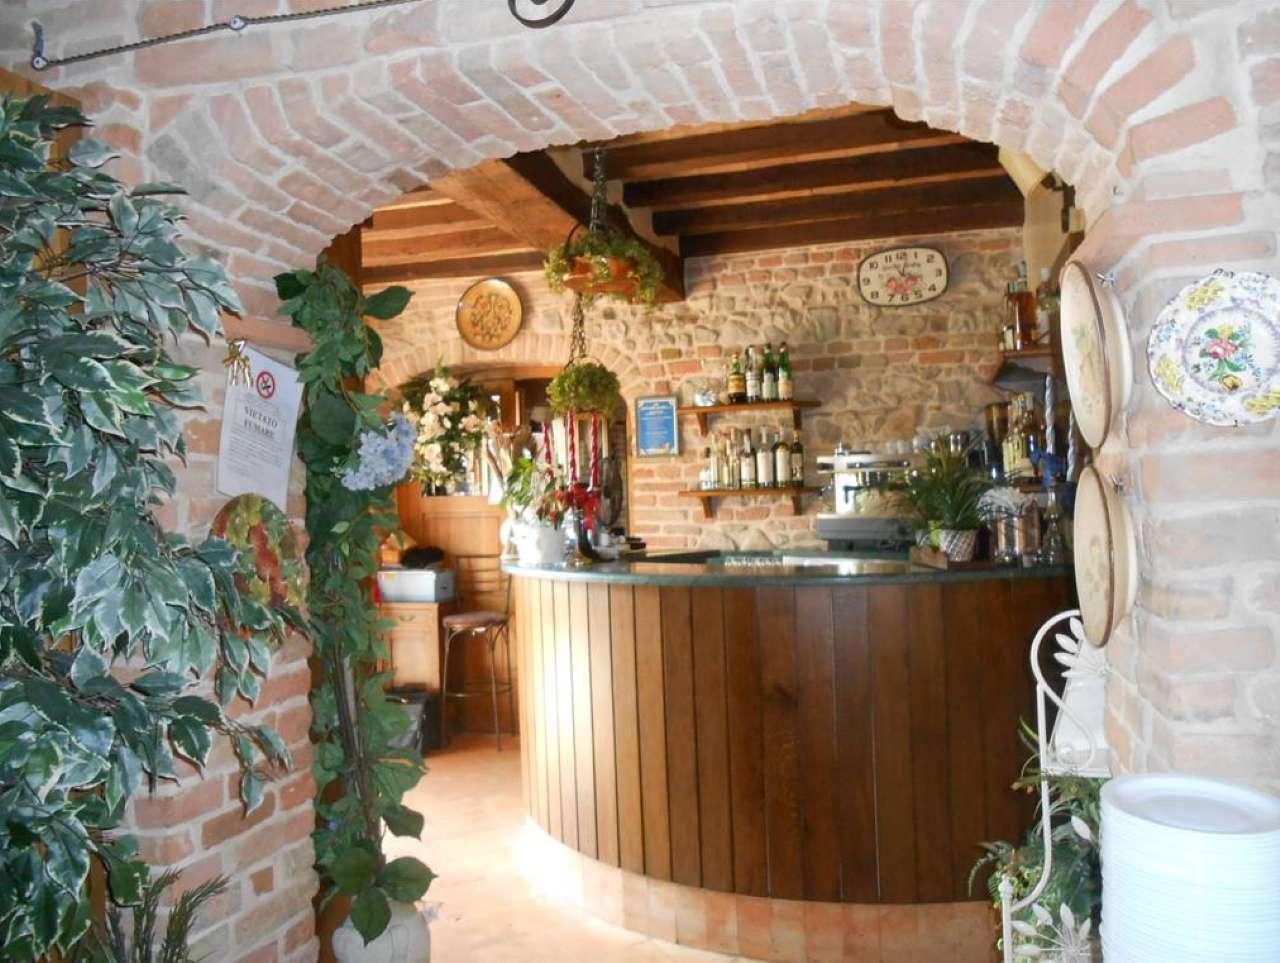 Negozio / Locale in vendita a Salsomaggiore Terme, 9999 locali, prezzo € 740.000 | CambioCasa.it